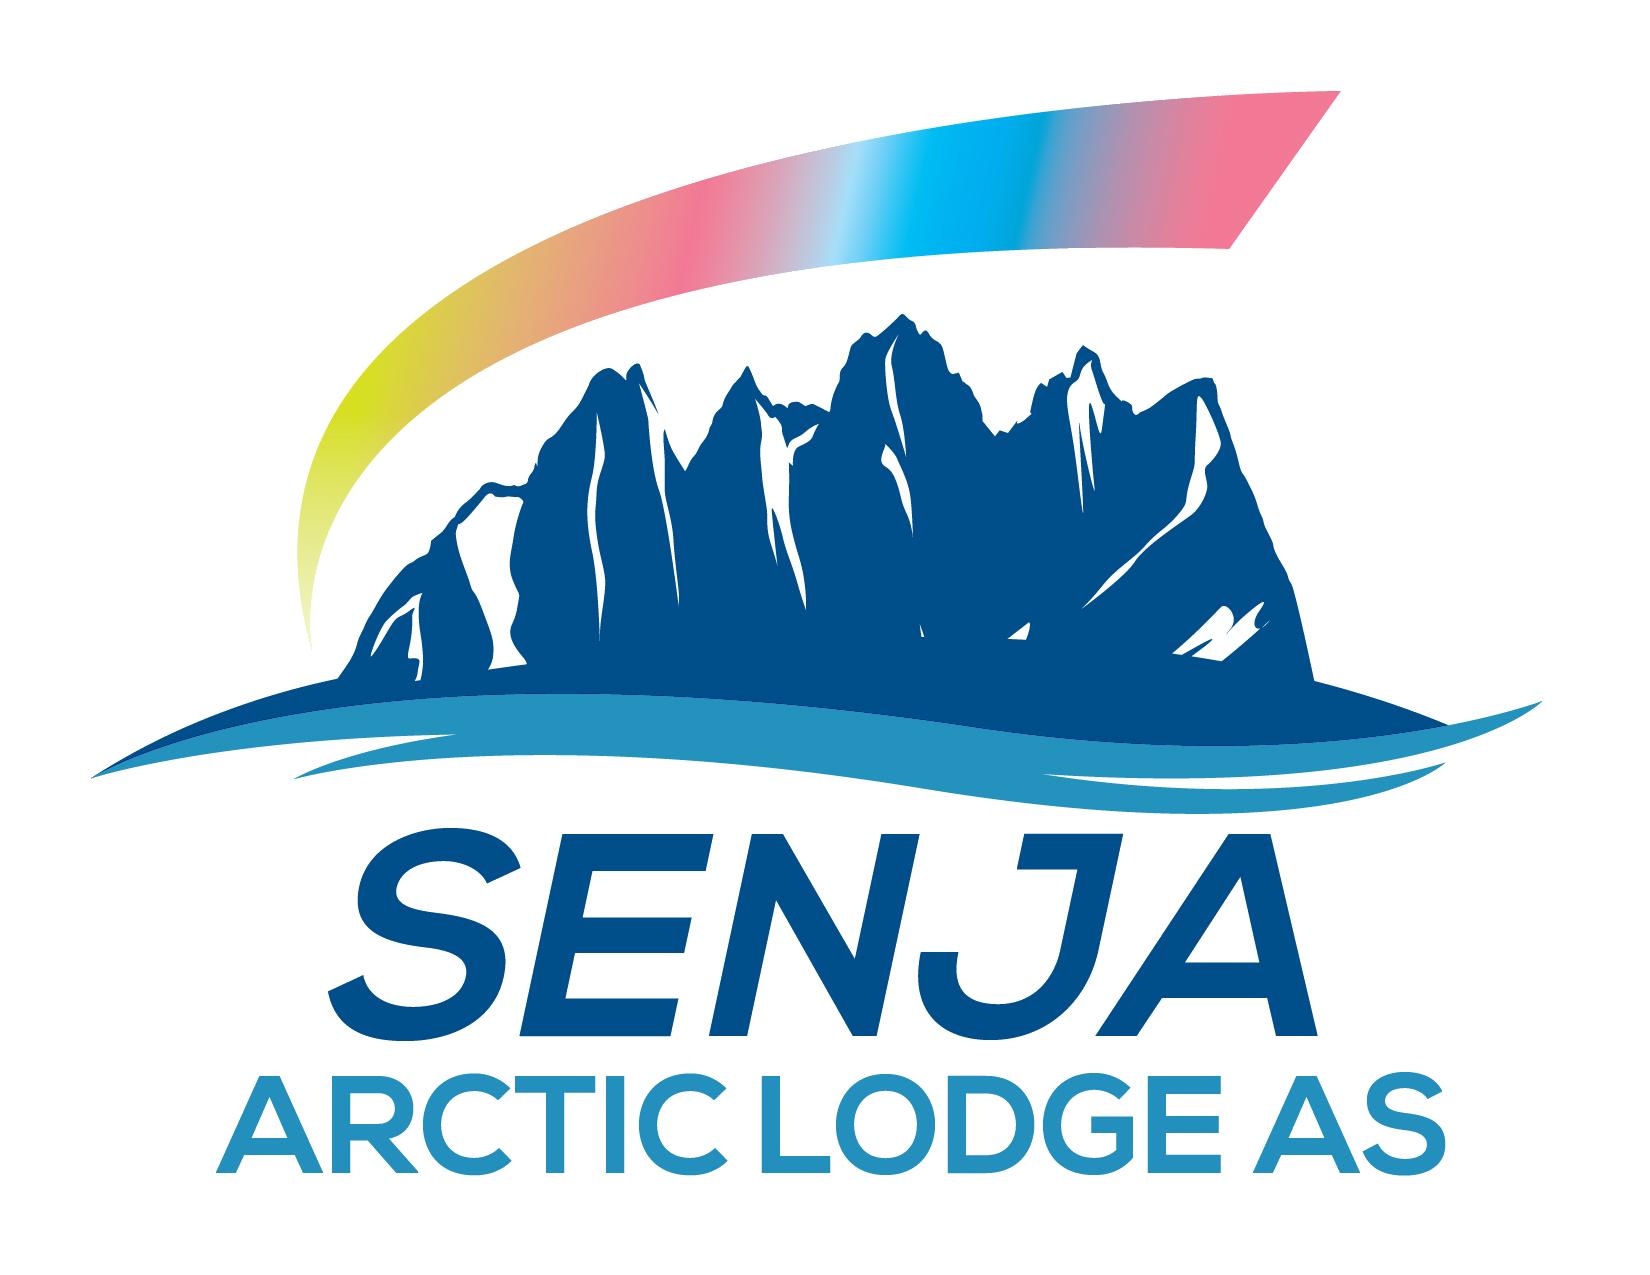 Senja Arctic Lodge logo